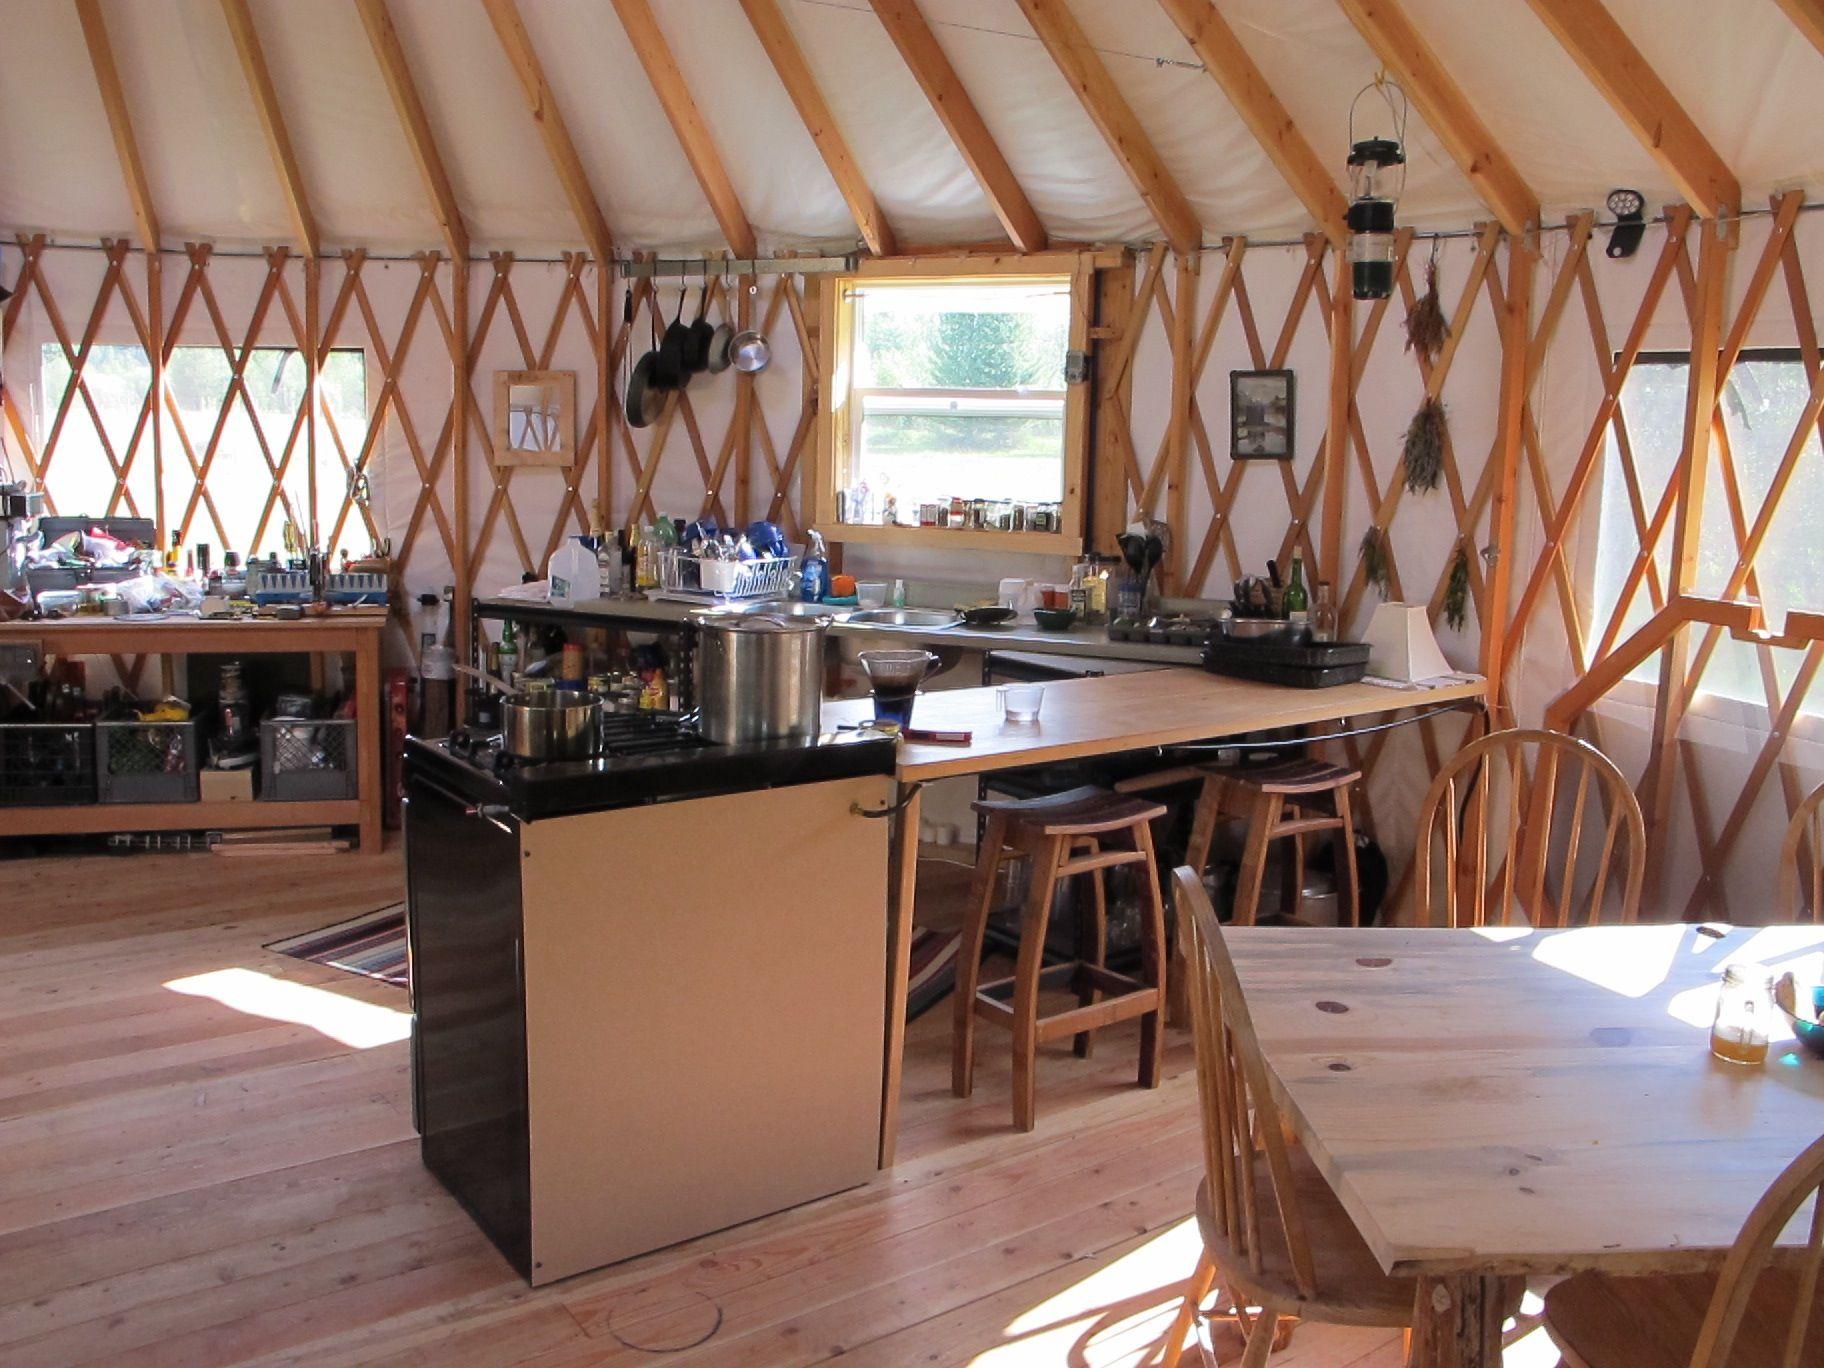 Www Shelterdesigns Net Nice Kitchen Area In A 27 Shelter Designs Yurt Yurt Kitchen Design Yurt Living